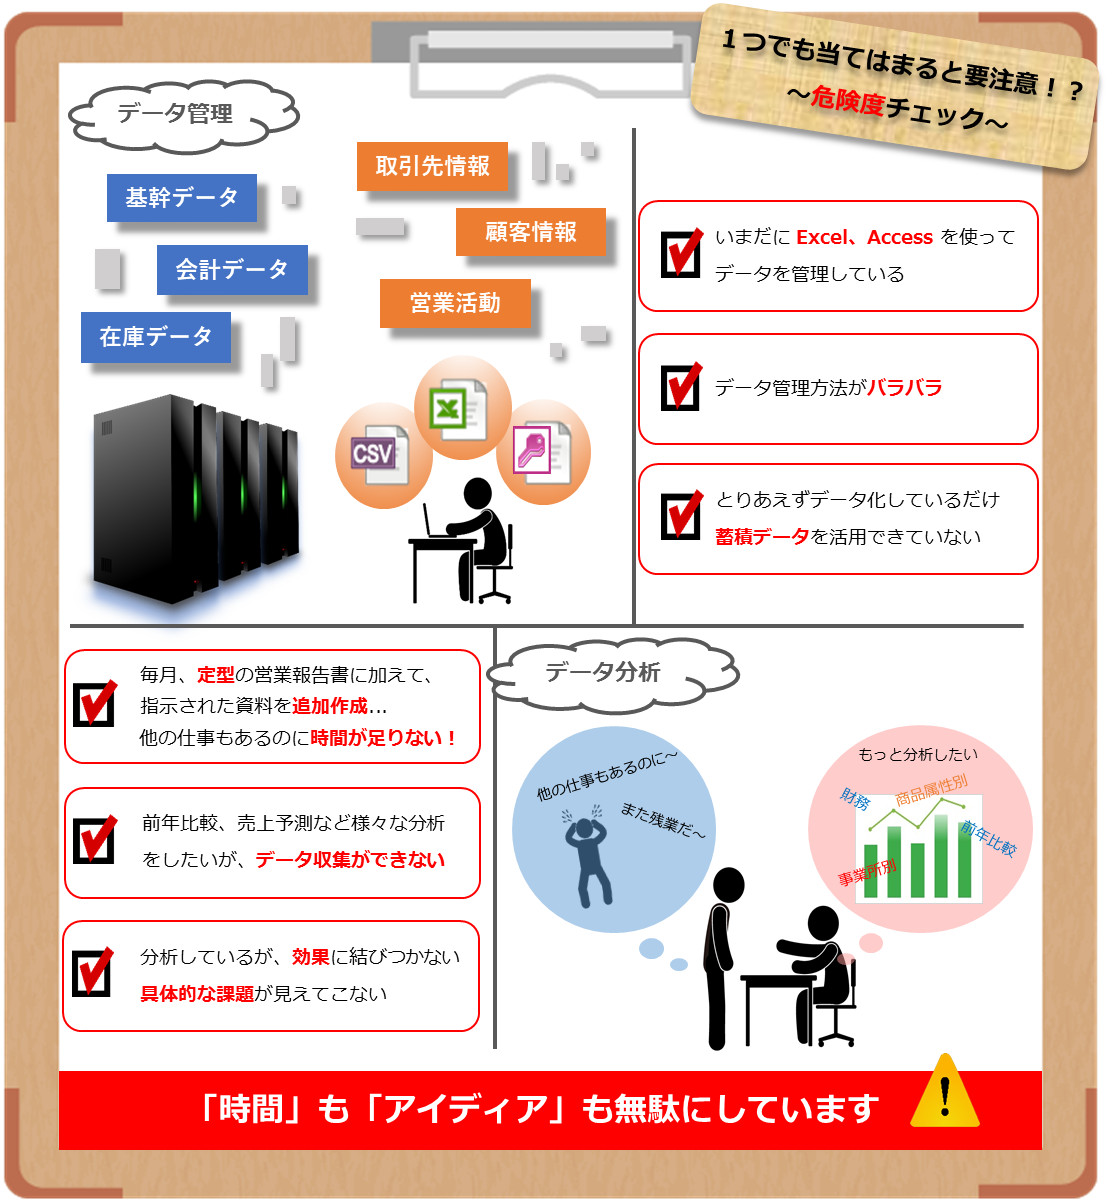 bi_problem_image